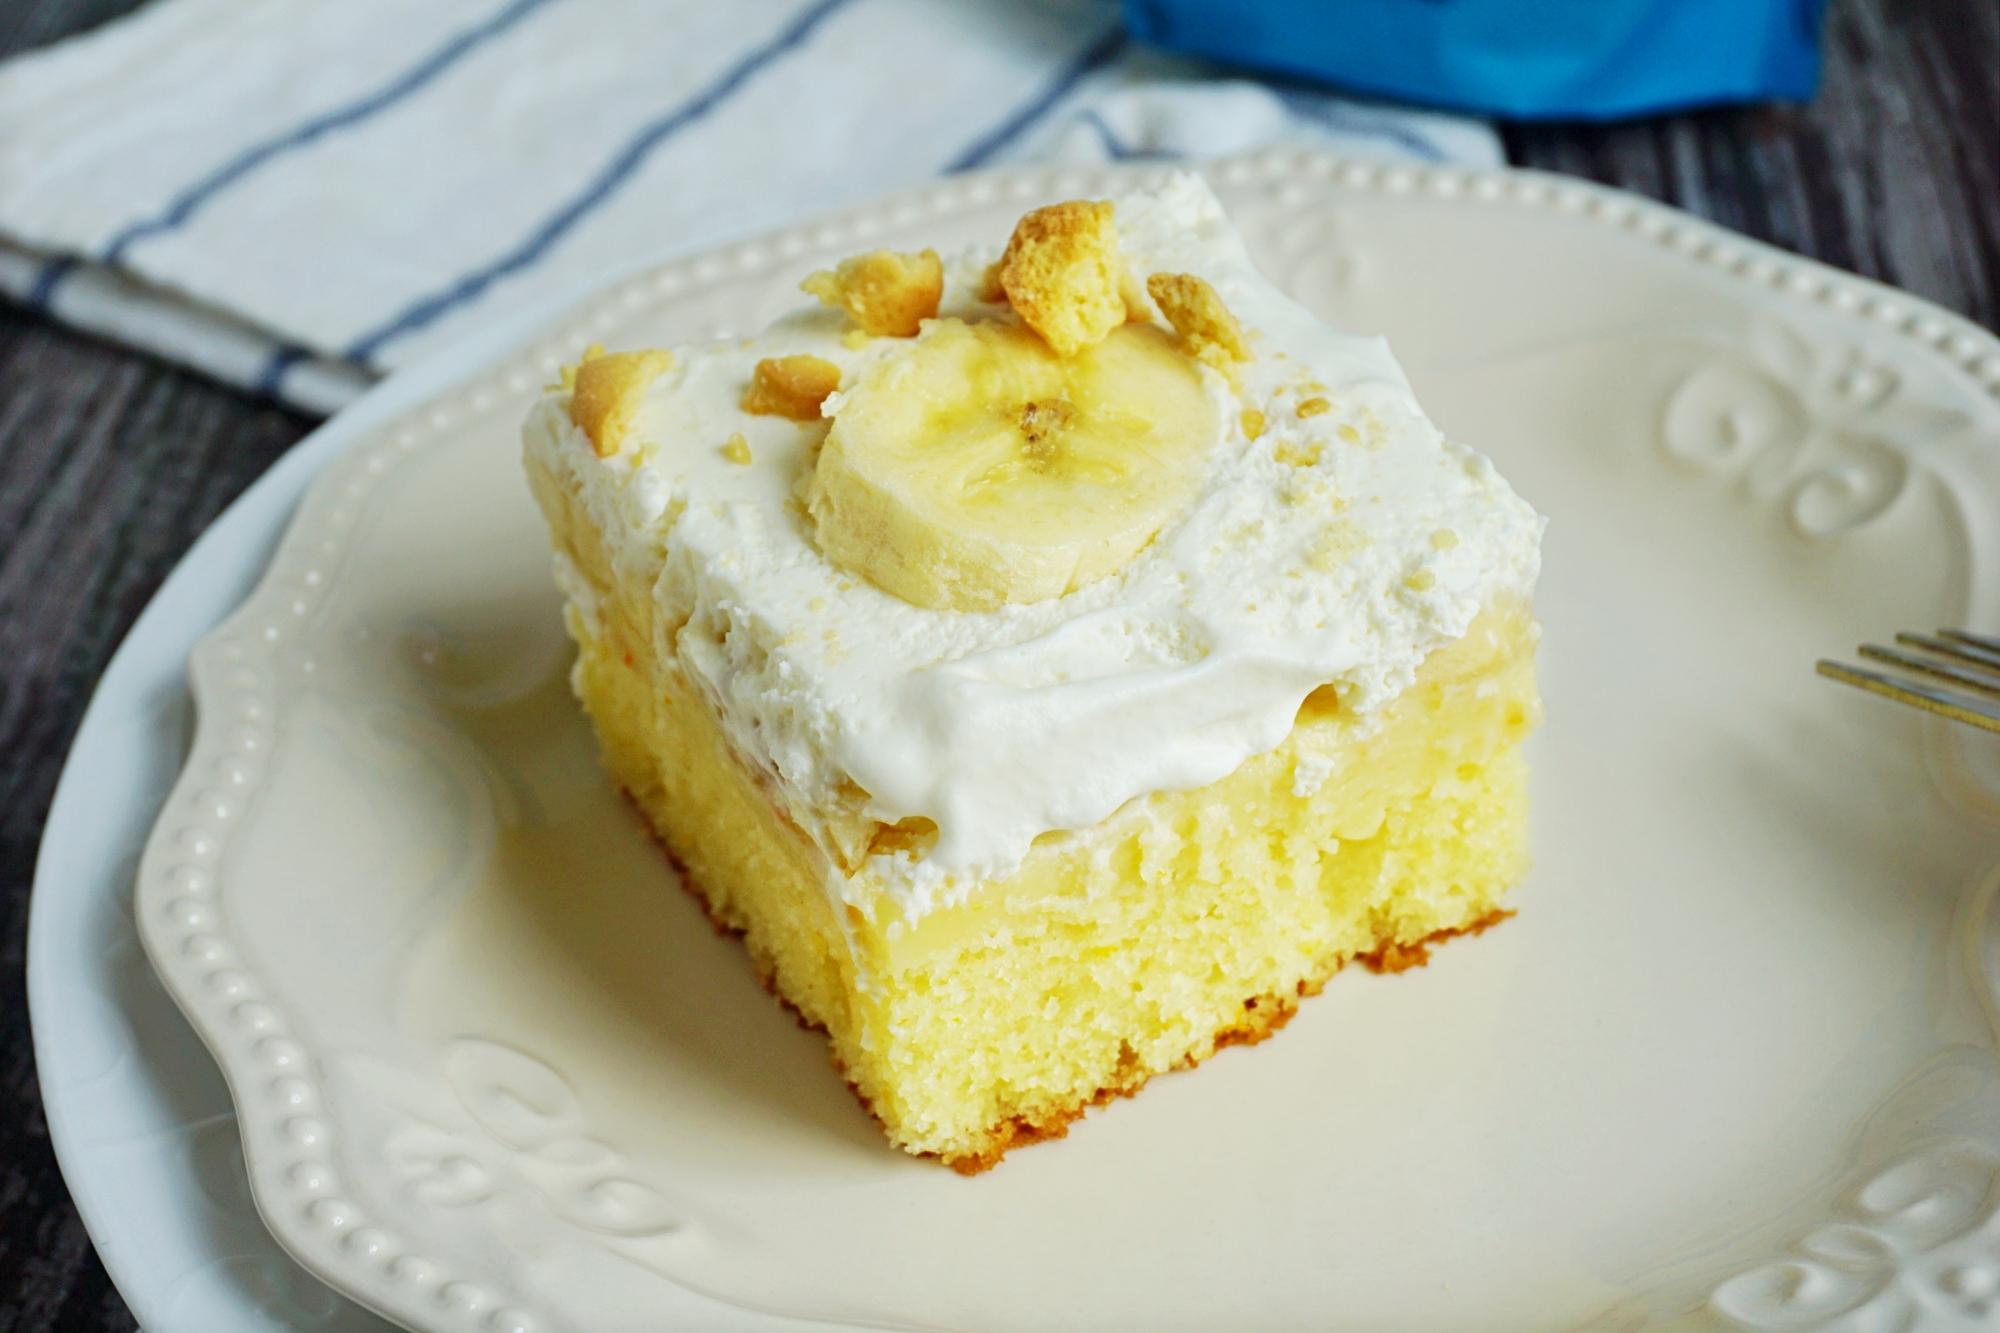 Gluten free banana cream cake